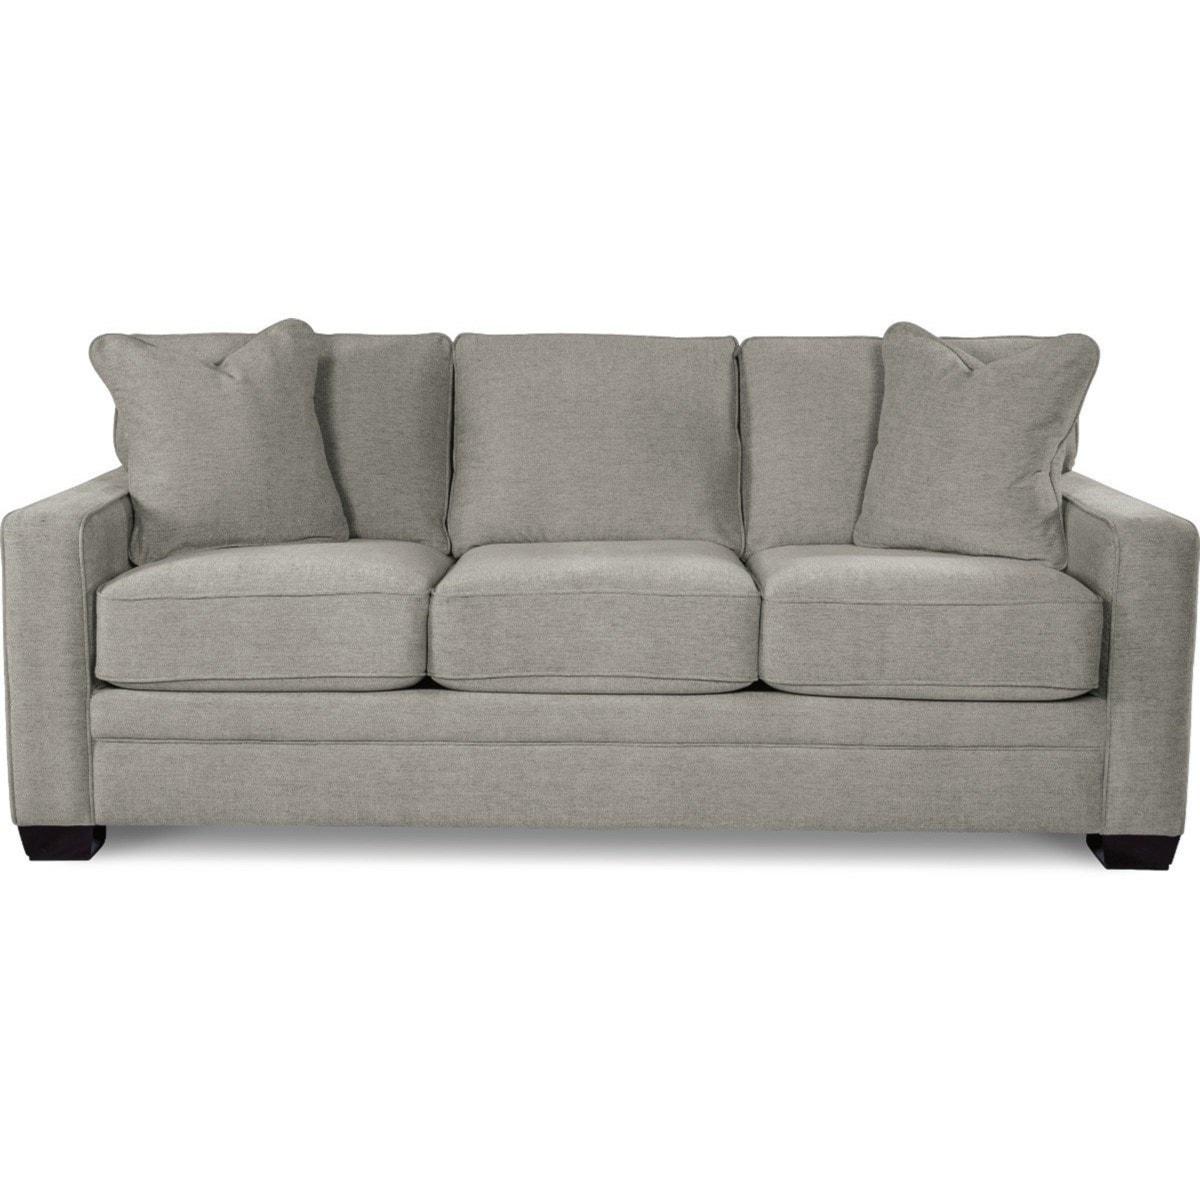 where are lazy boy sofas made